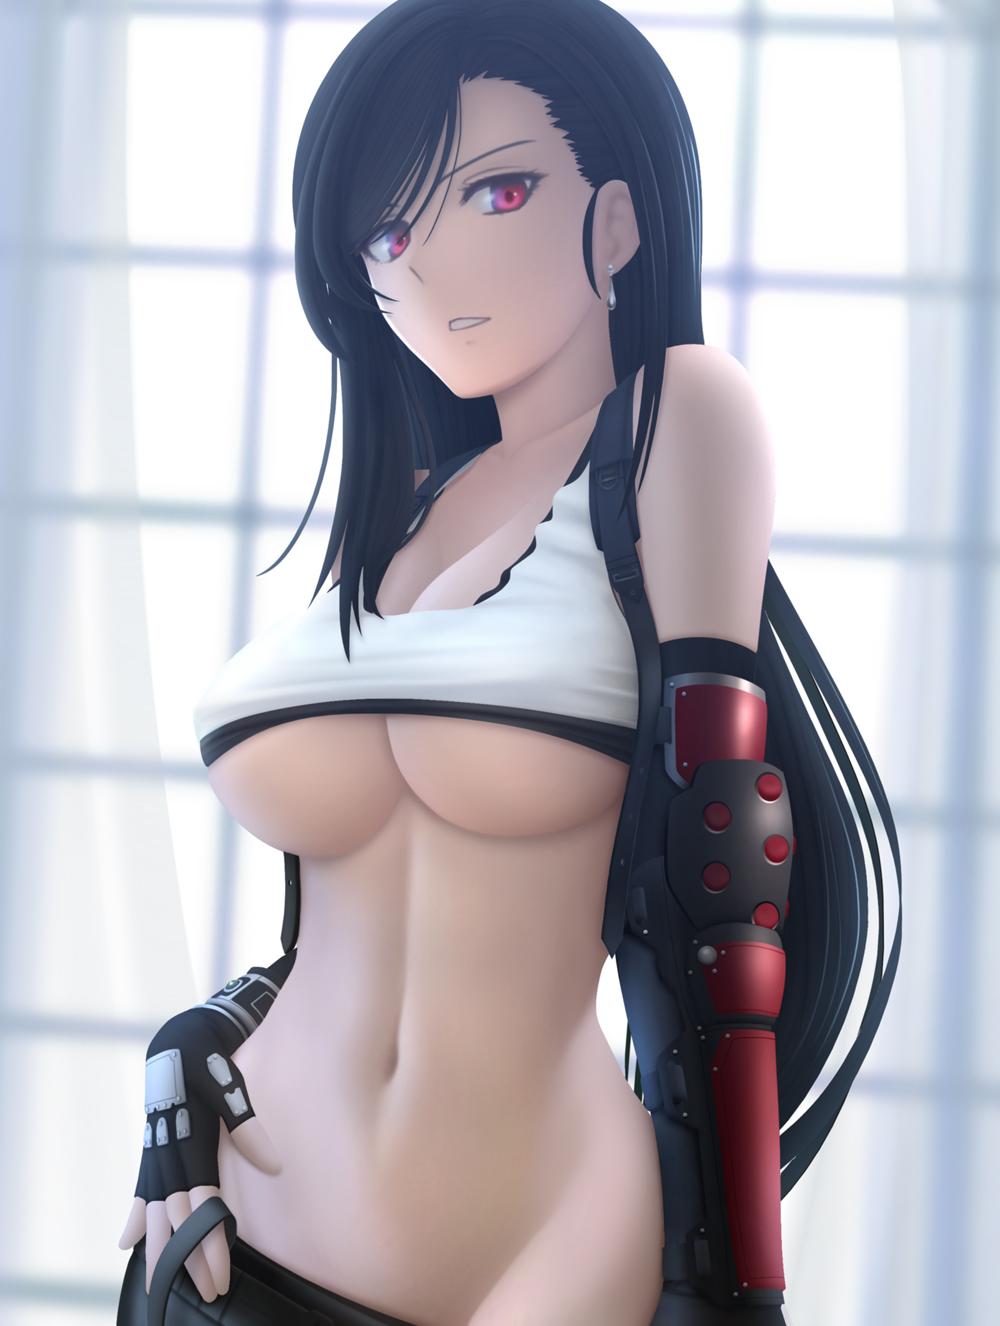 Tifa naked